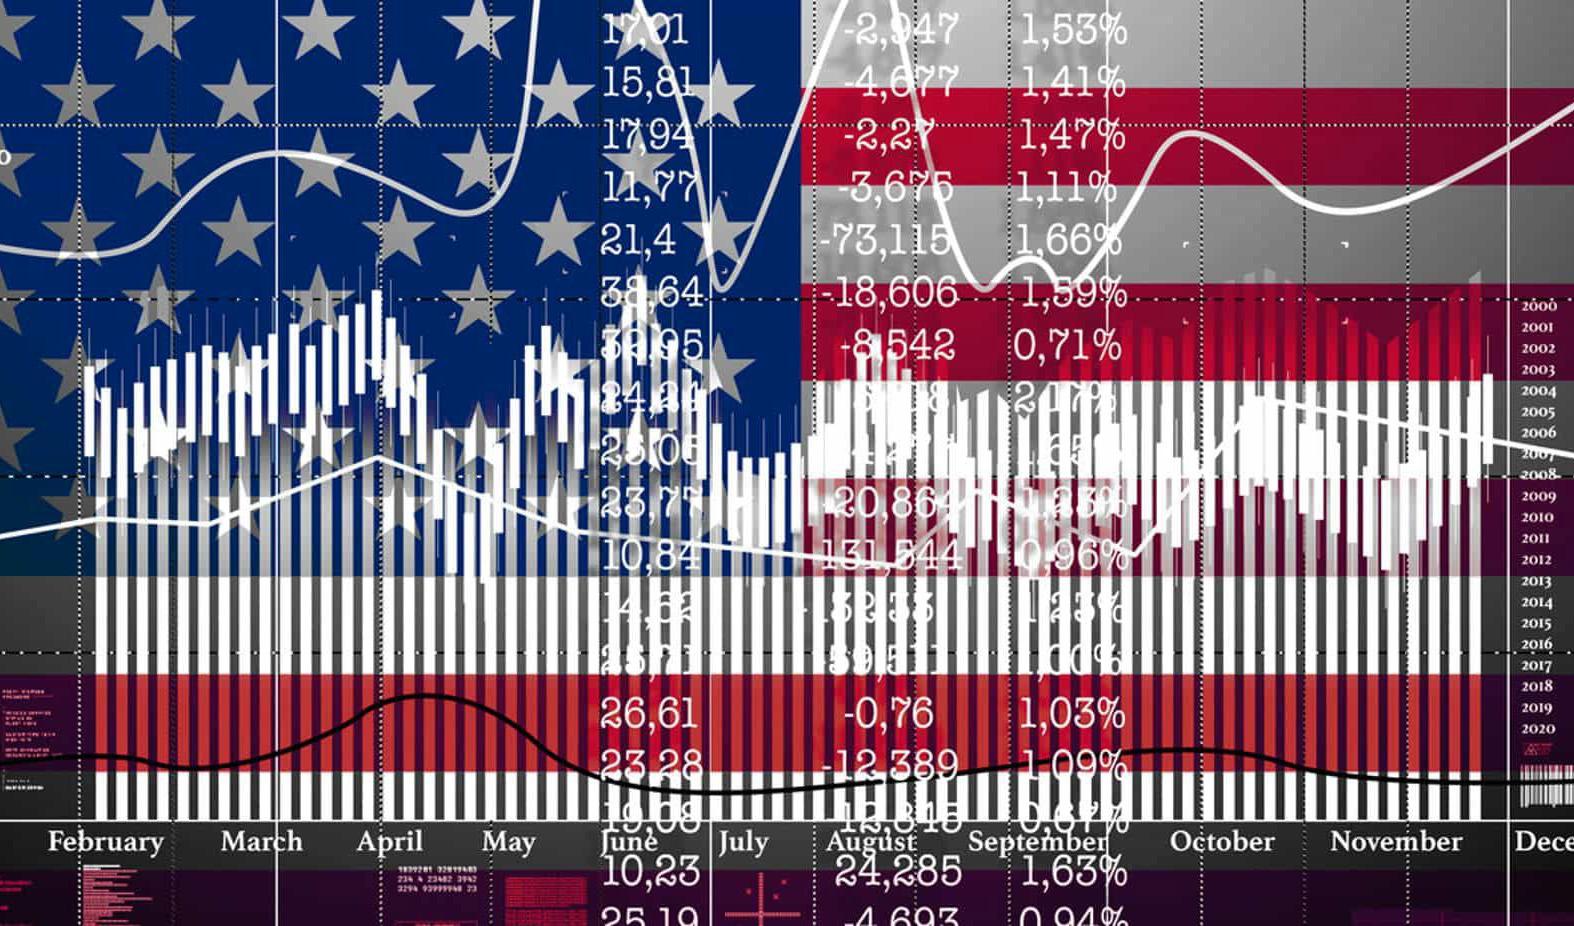 امکان دومین سقوط اقتصادی برای آمریکا